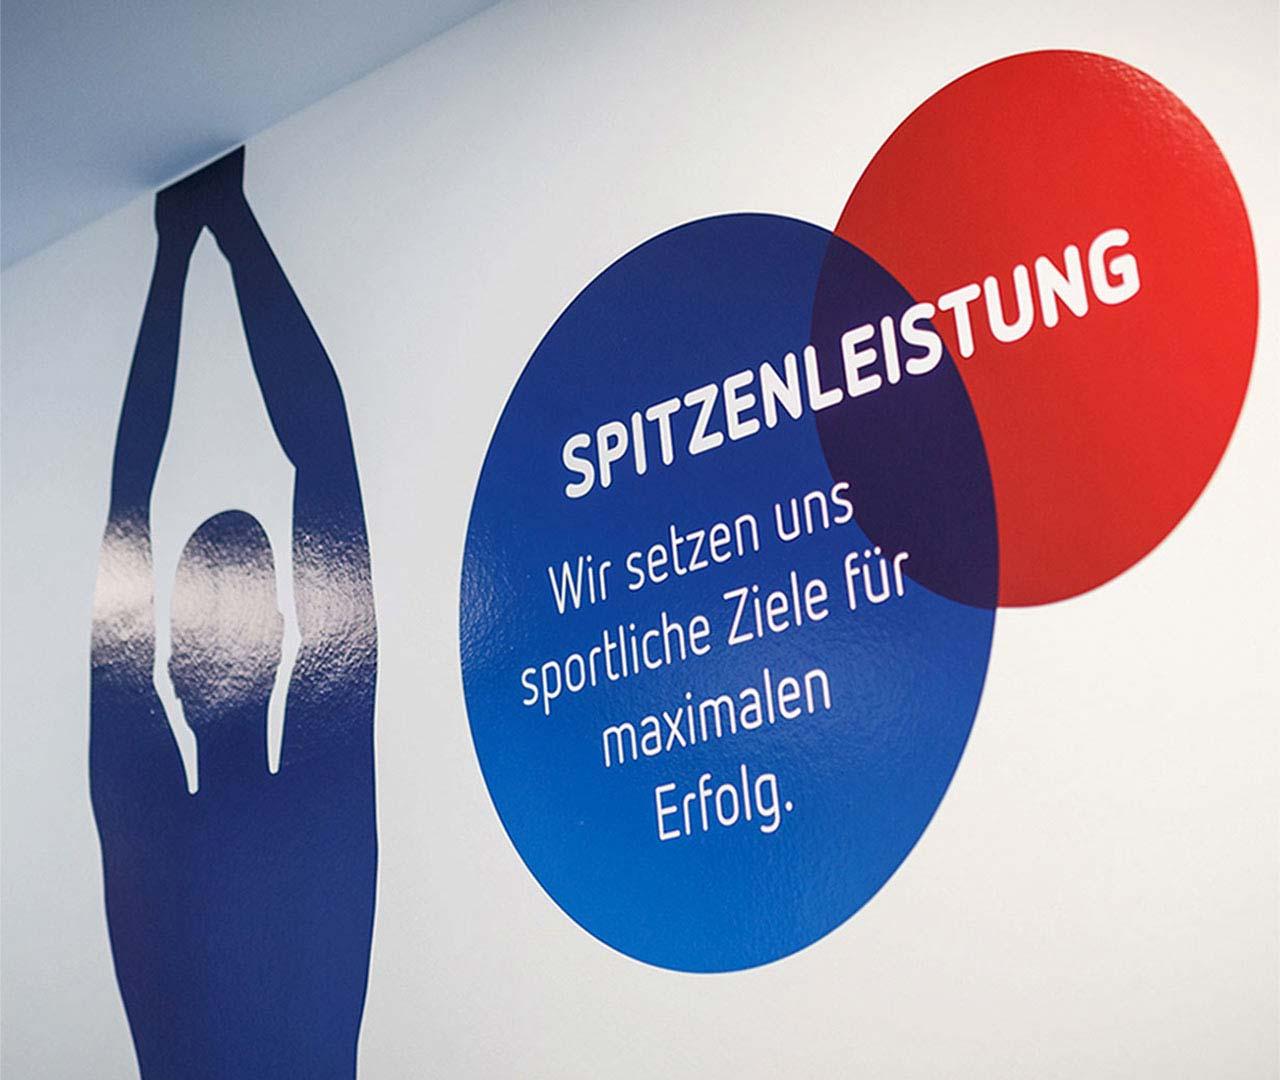 Sport-Thieme Markenwerte: Grafik von der Agentur Preussisch Portugal aus Hamburg